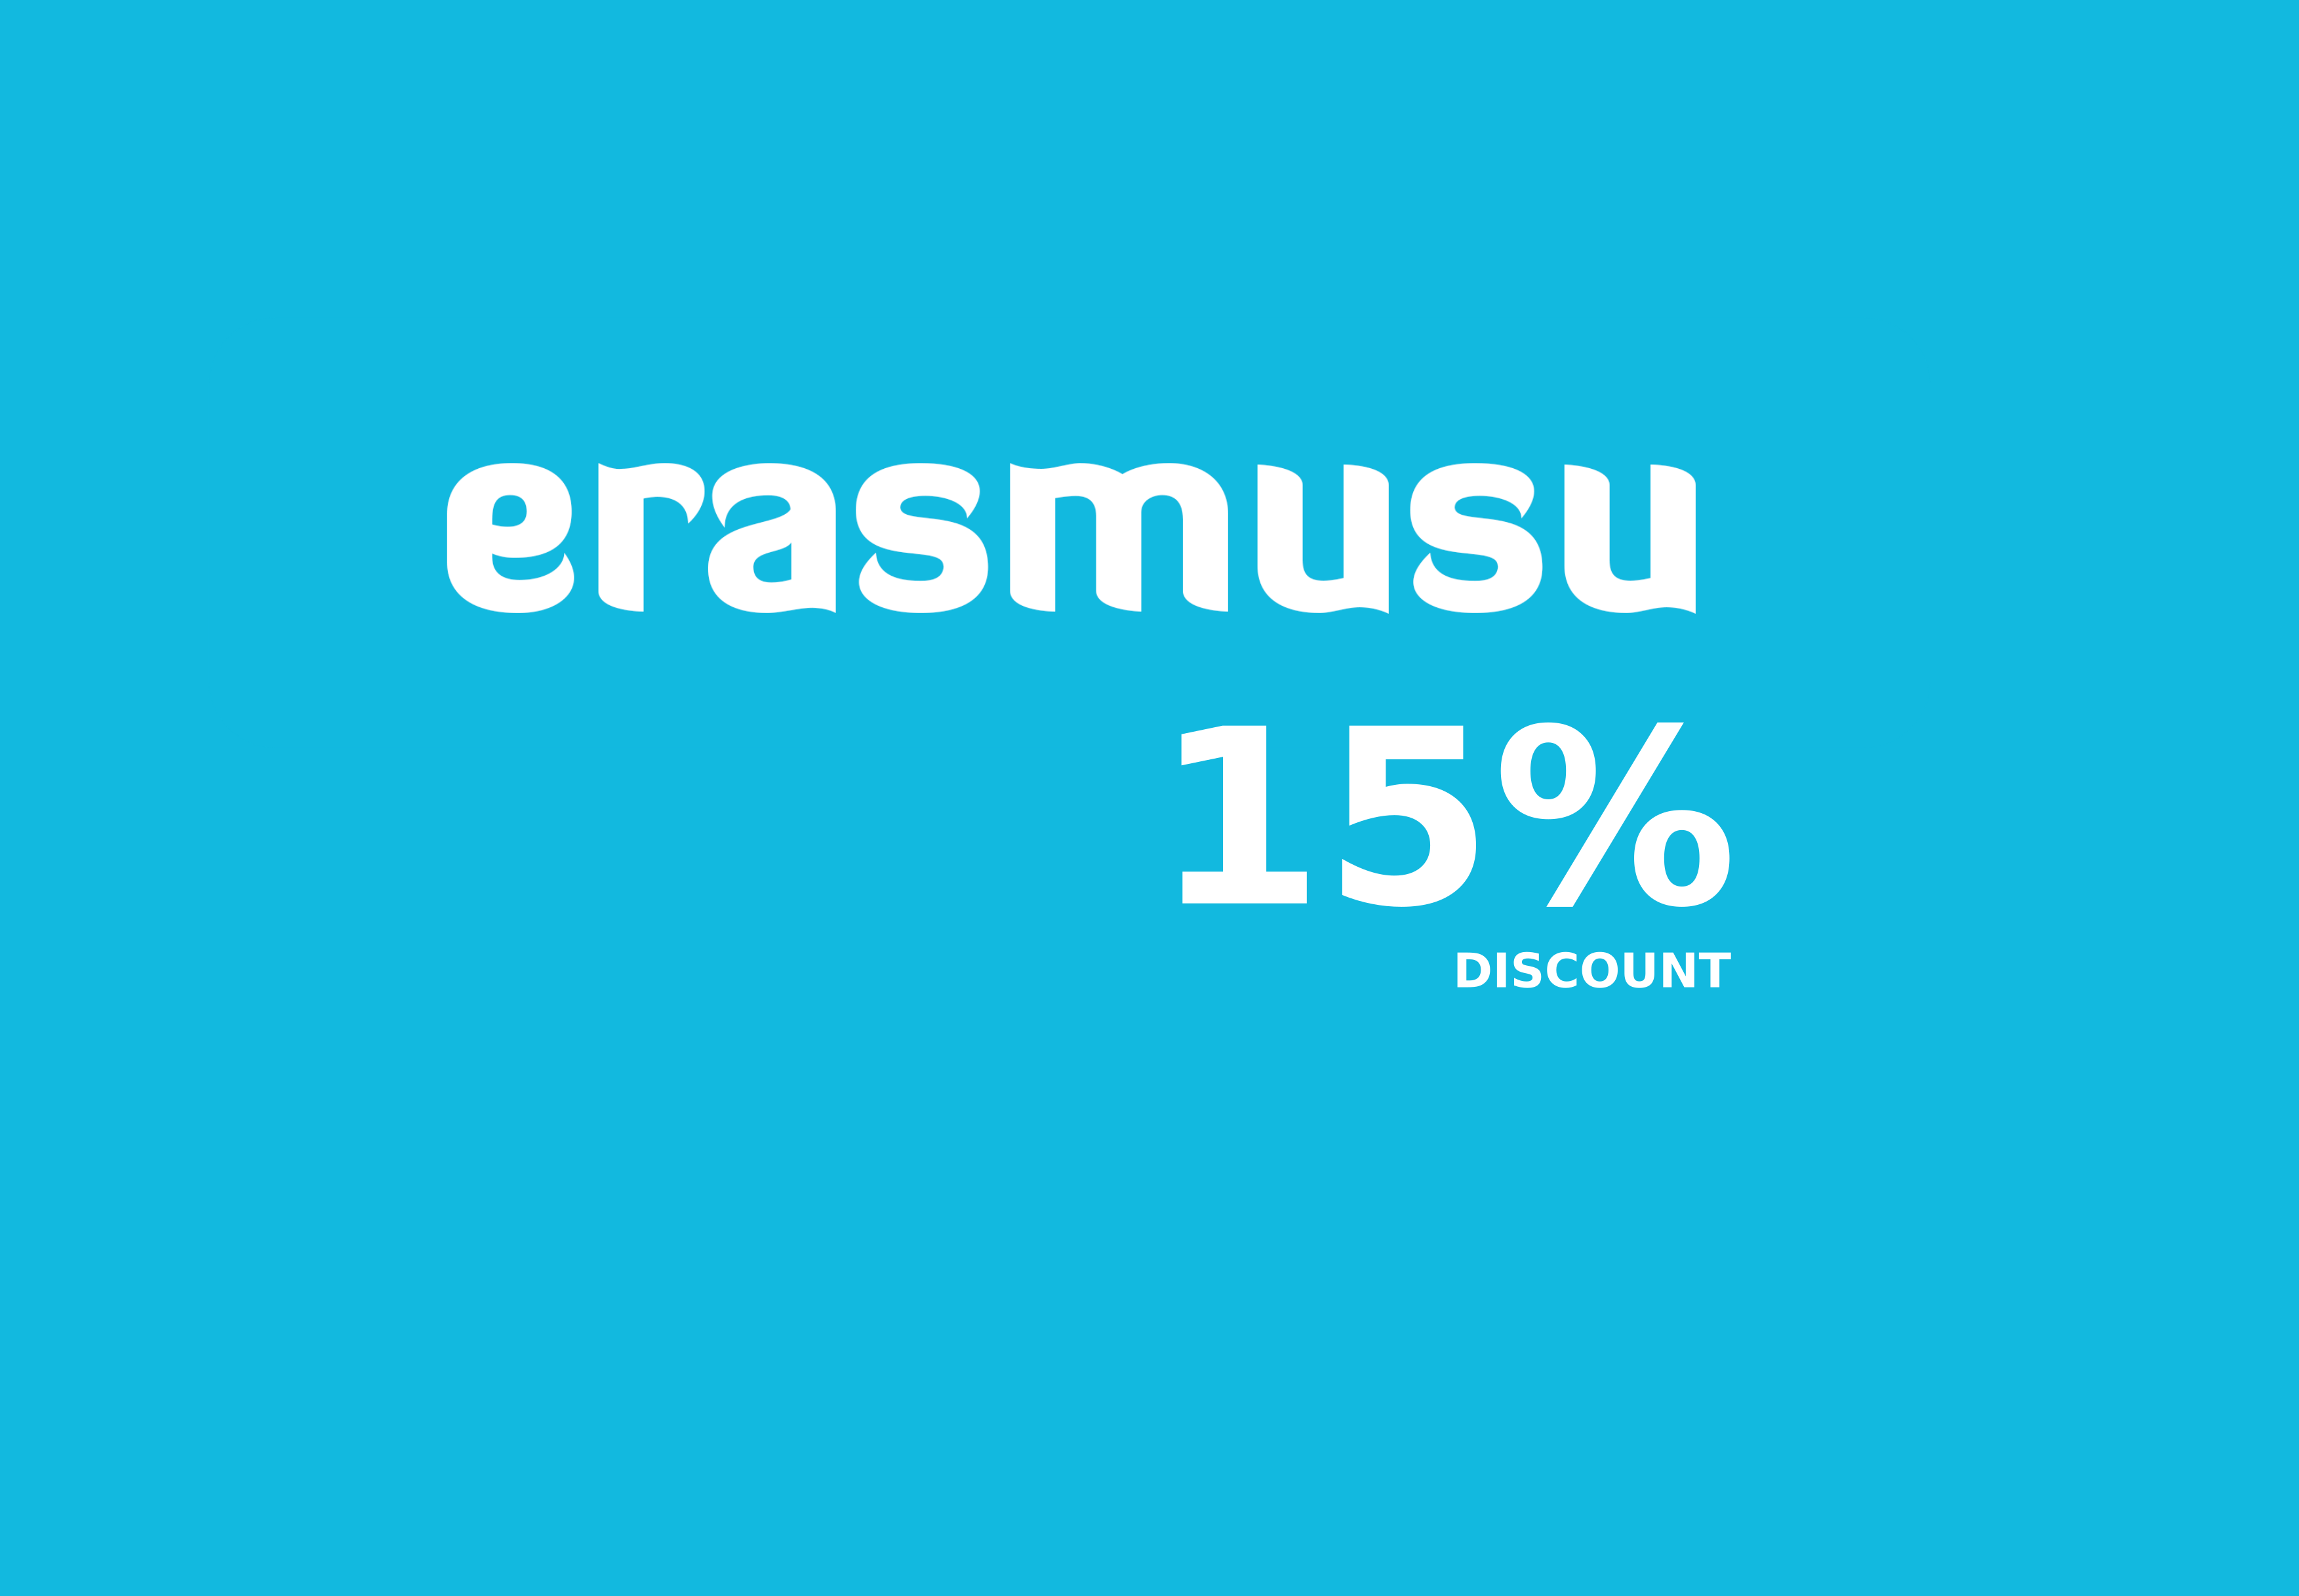 ERASMUSU - 15% DISCOUNT